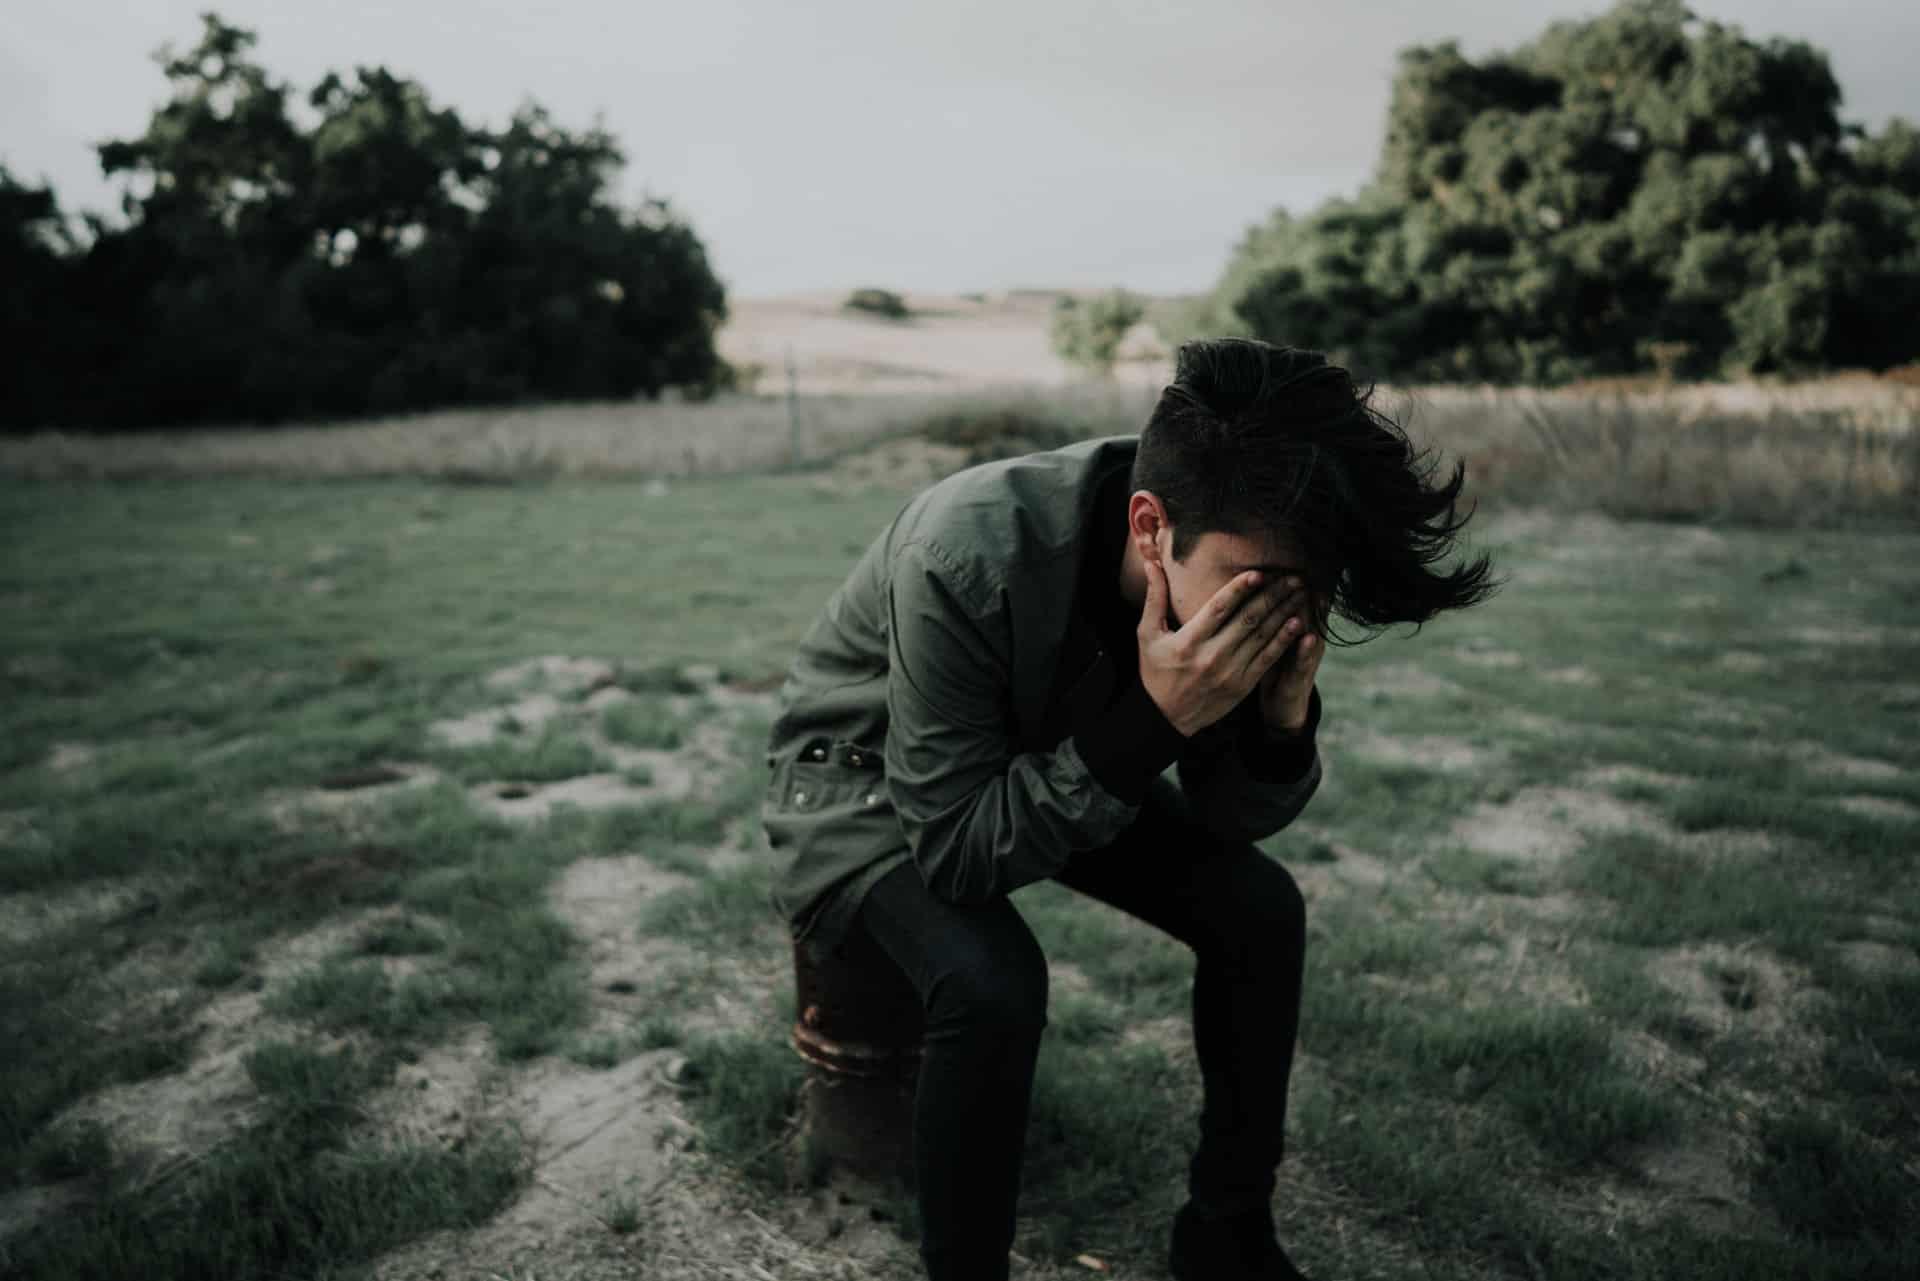 un homme déçu est assis dans un champ